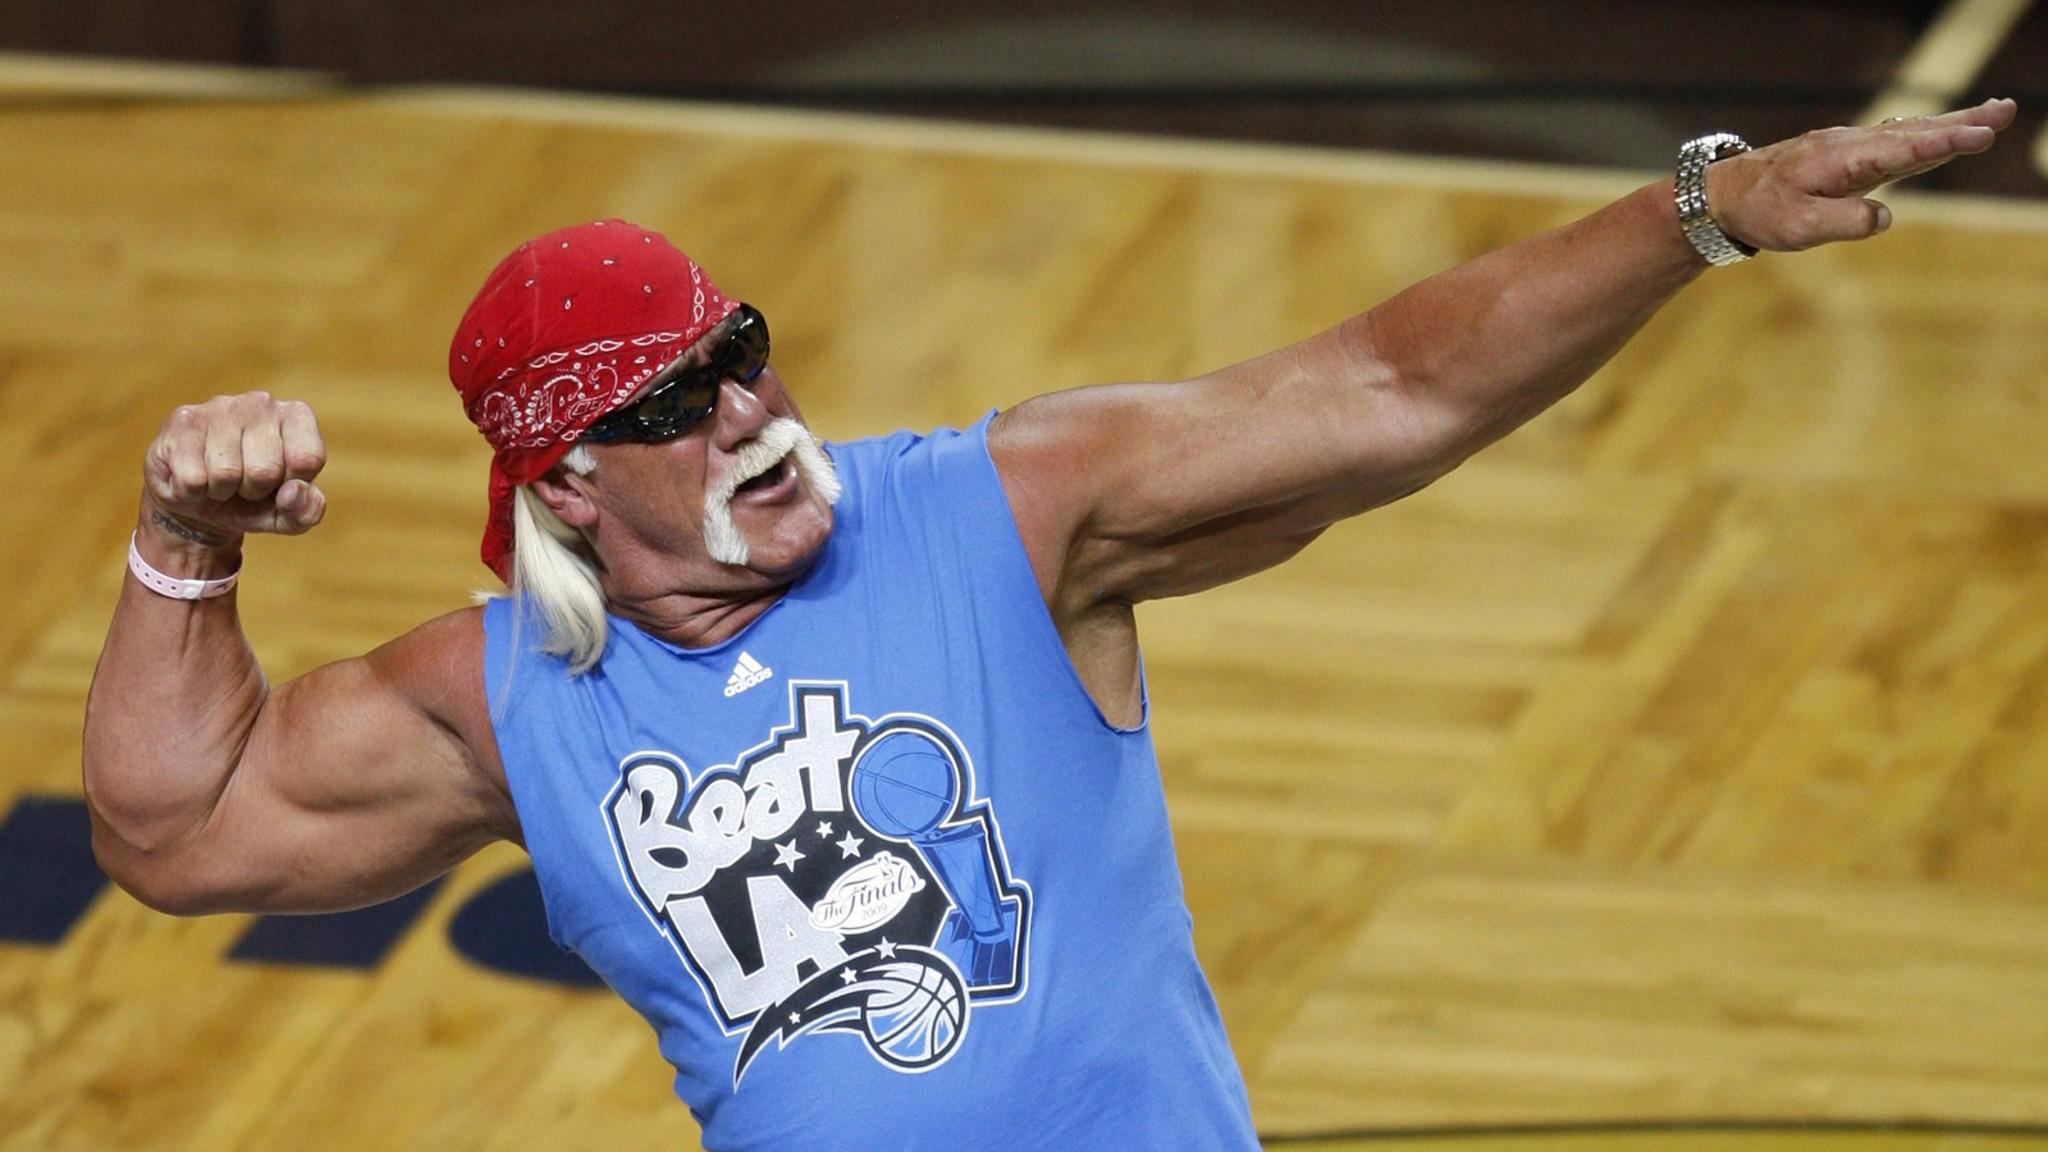 Wrestler Hulk Hogan